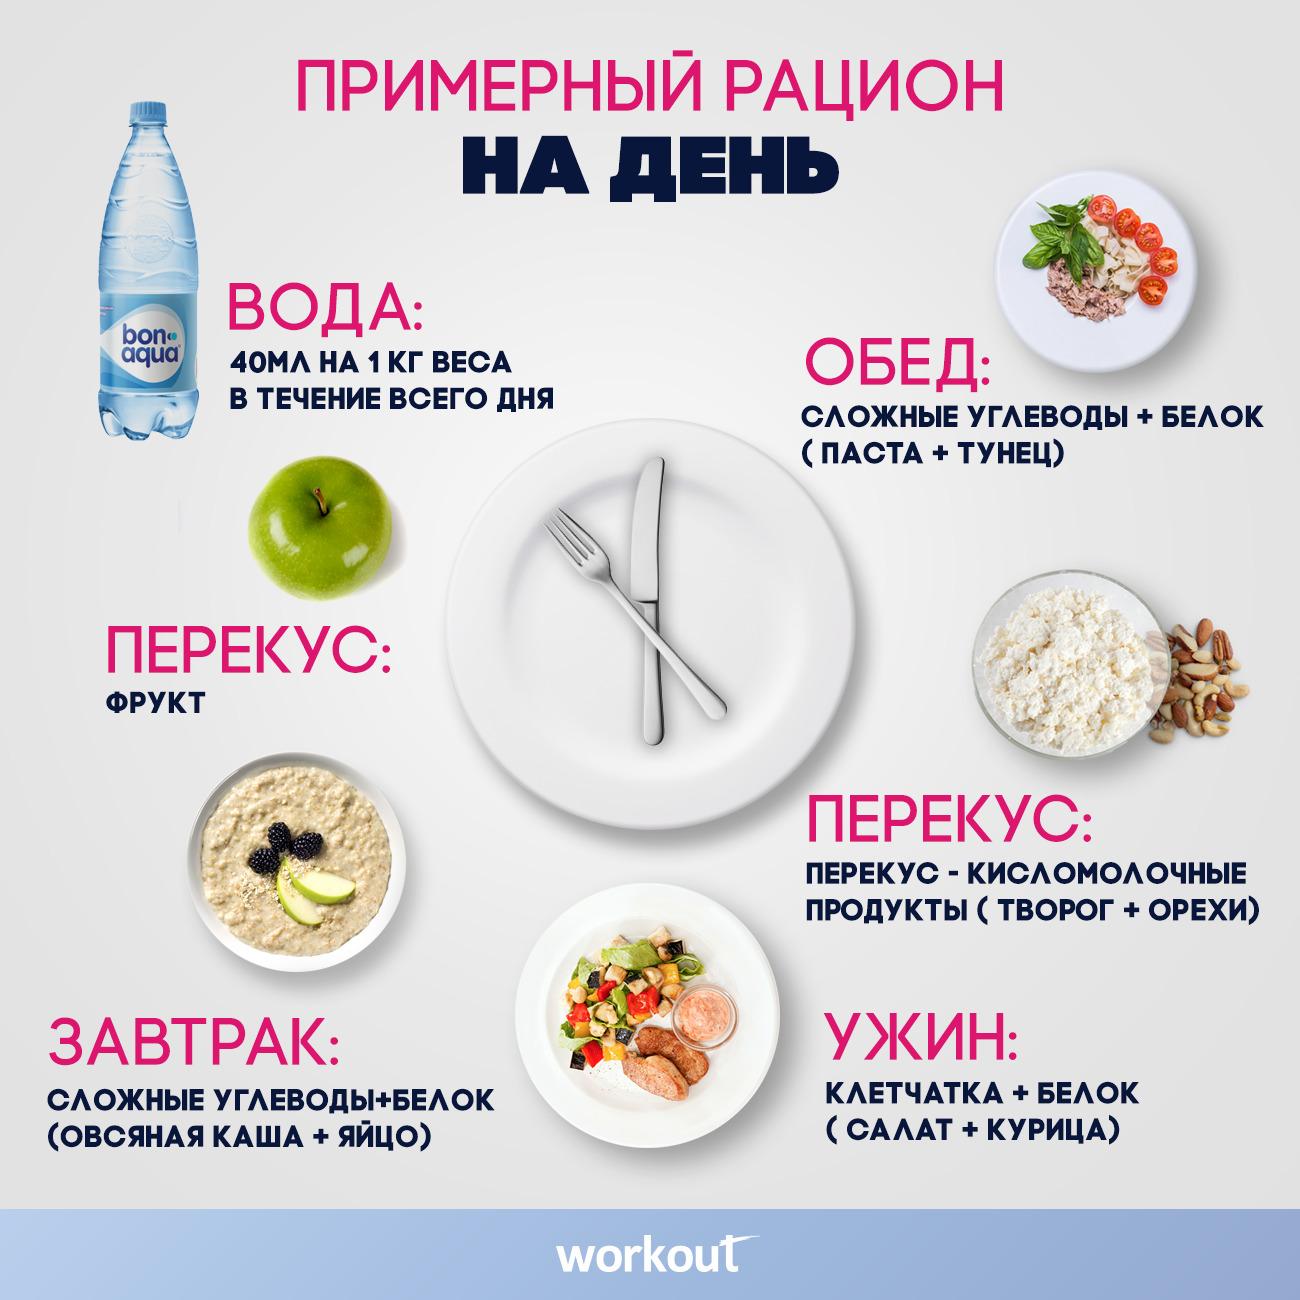 правила пп похудение